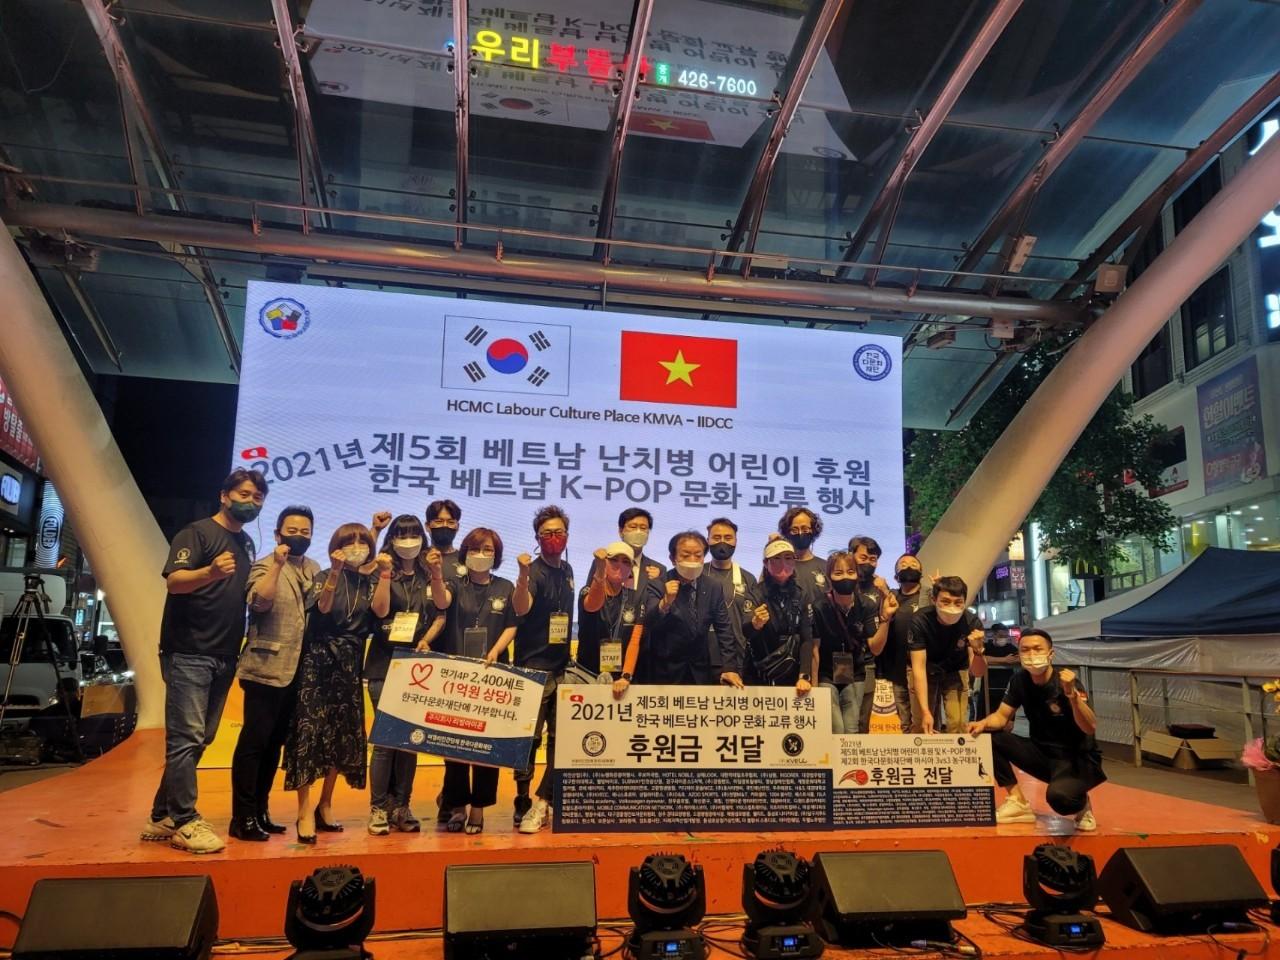 Lễ ra mắt đoàn thiện nguyện 1004, Chủ tịch Lee Ji Sun, trưởng đoàn Lee Seung Min và các thành viên của Tổ chức đa văn hóa Hàn Quốc